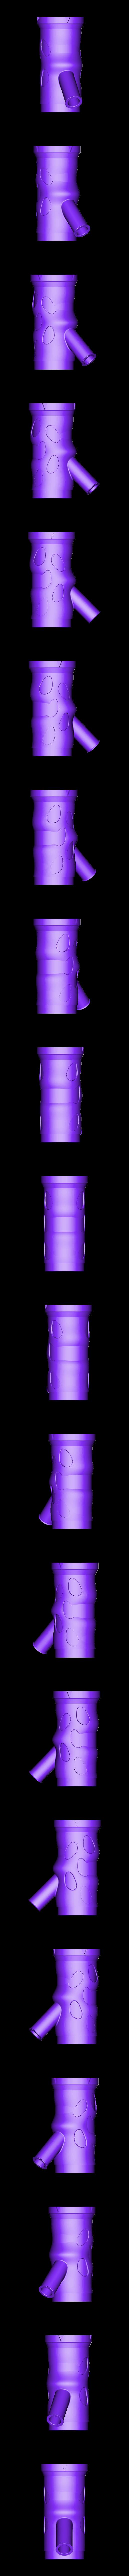 BONGstl.stl Télécharger fichier STL gratuit Bong weed • Plan à imprimer en 3D, Gabriel9526